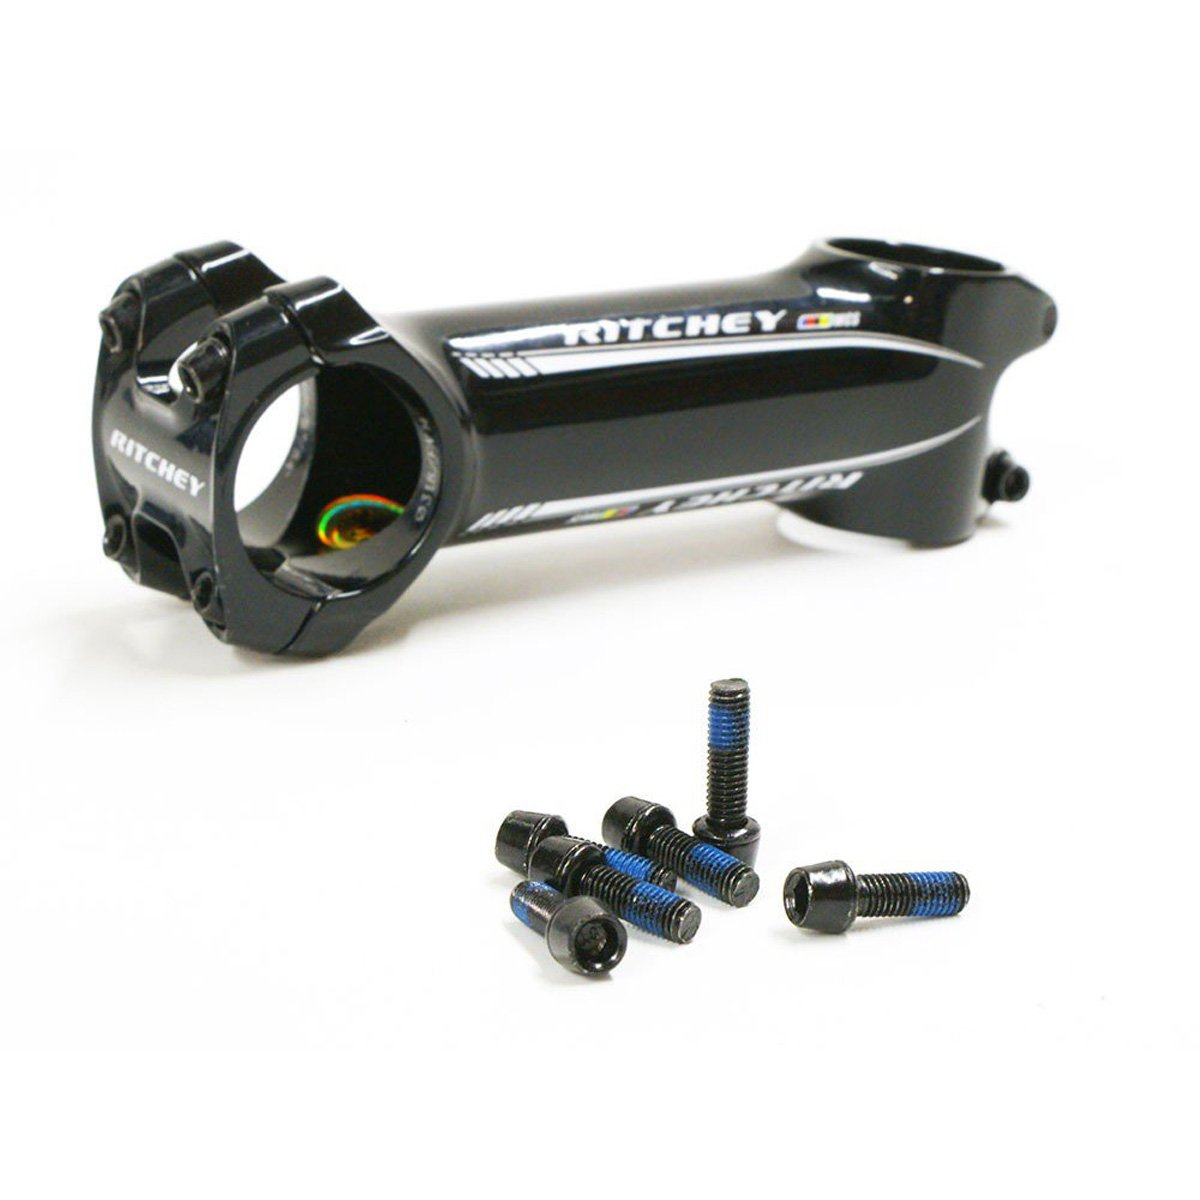 Ritchey c220自転車ステム交換用ボルトセット – 6ピース B073XVF744ブラック